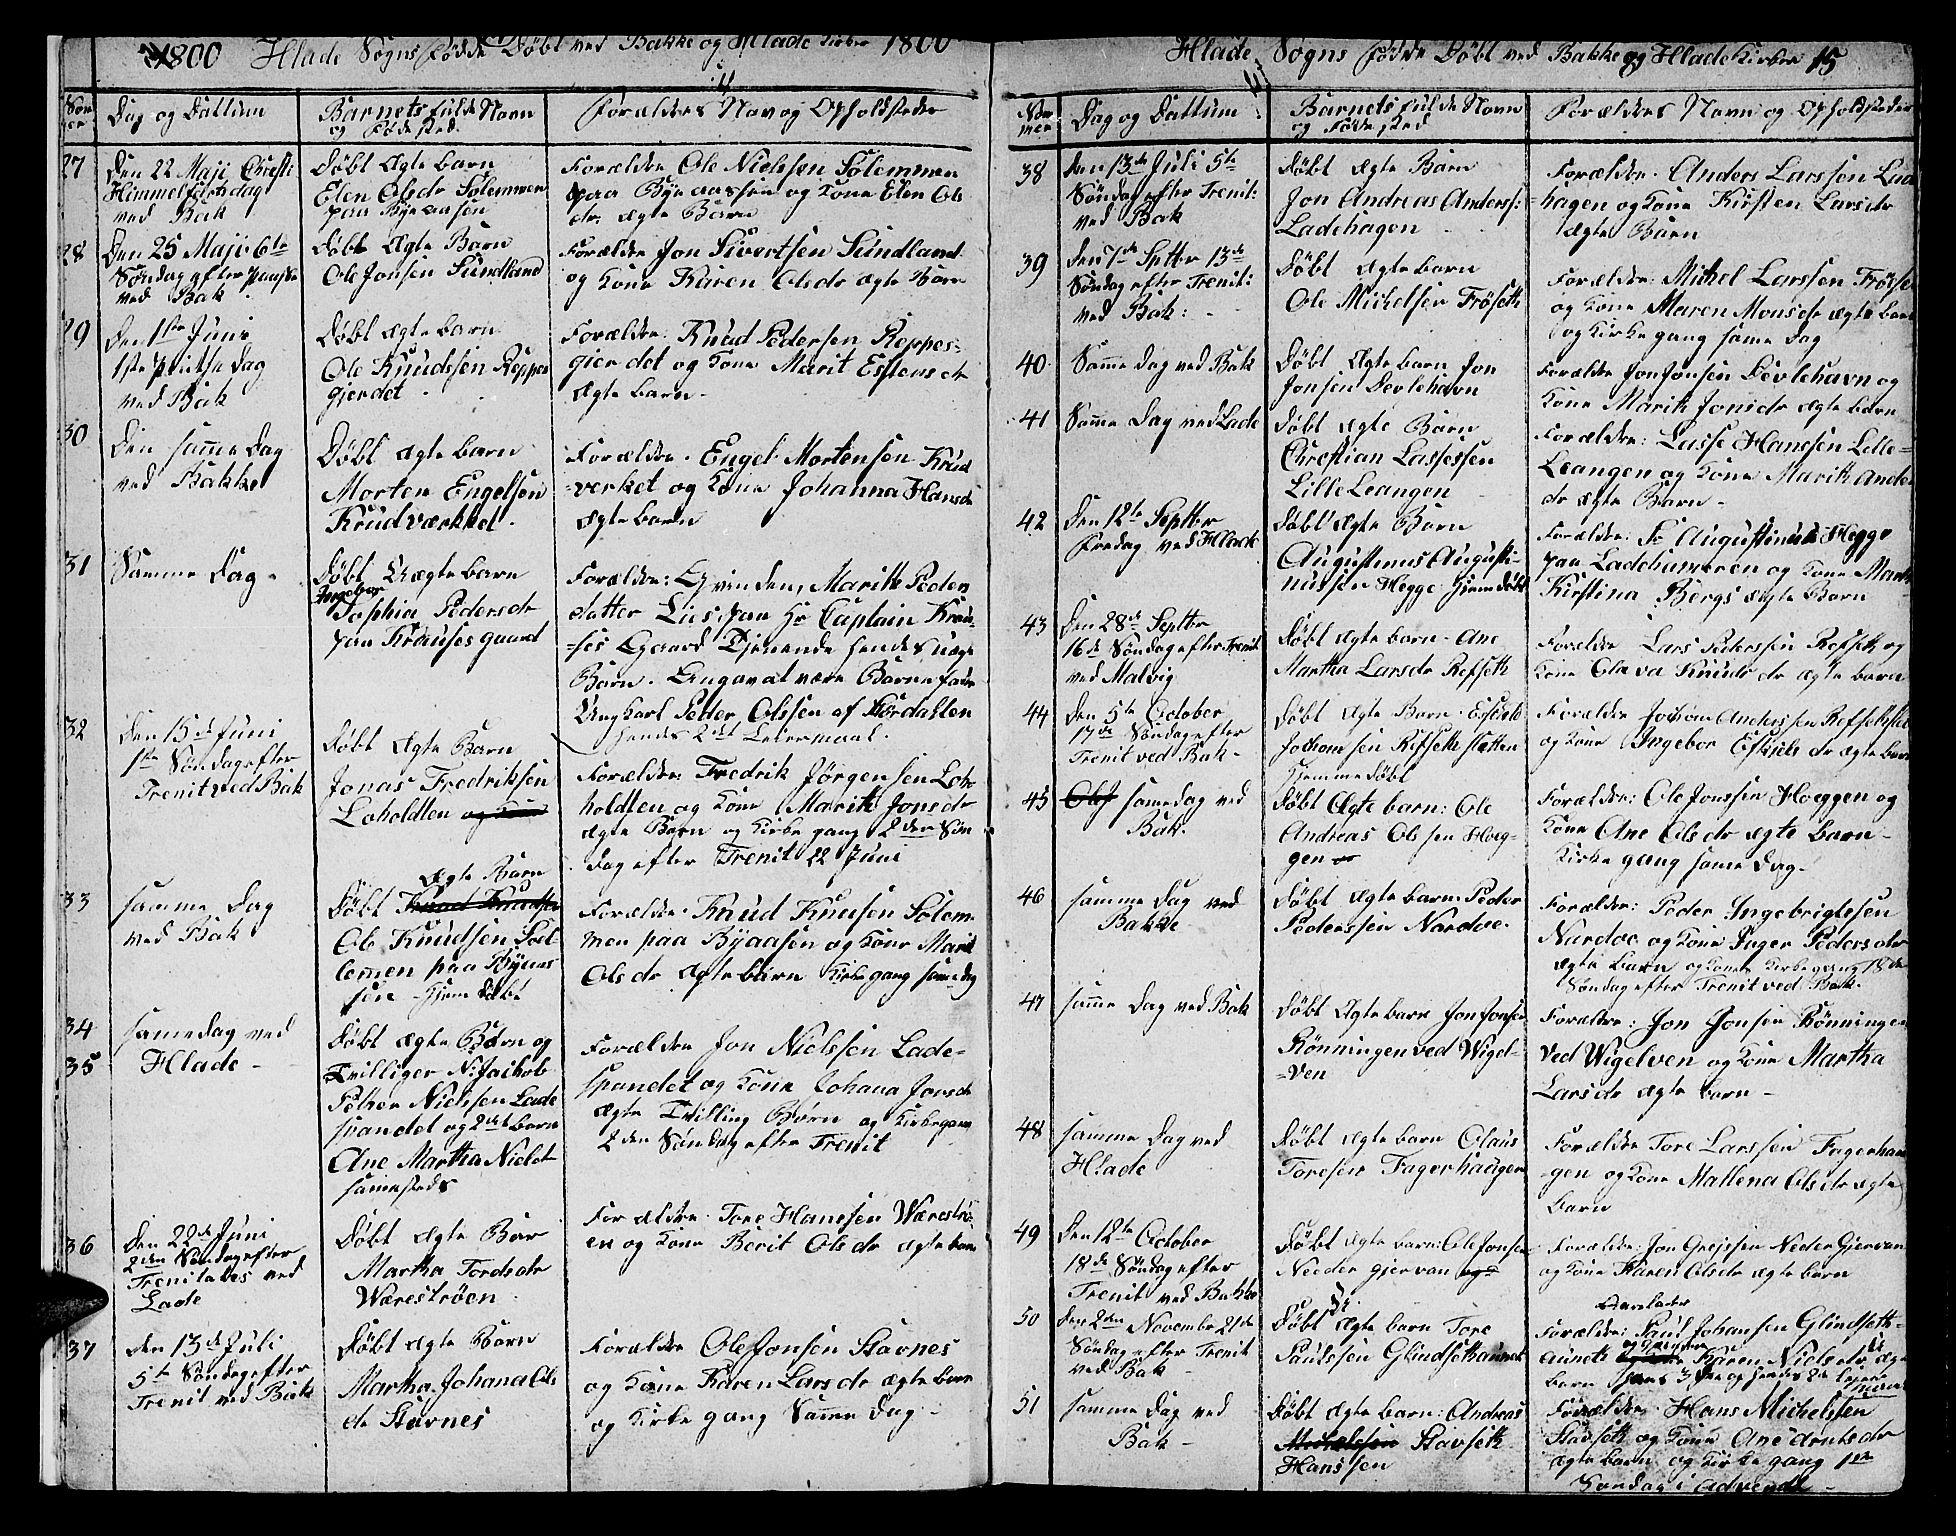 SAT, Ministerialprotokoller, klokkerbøker og fødselsregistre - Sør-Trøndelag, 606/L0306: Klokkerbok nr. 606C02, 1797-1829, s. 14-15